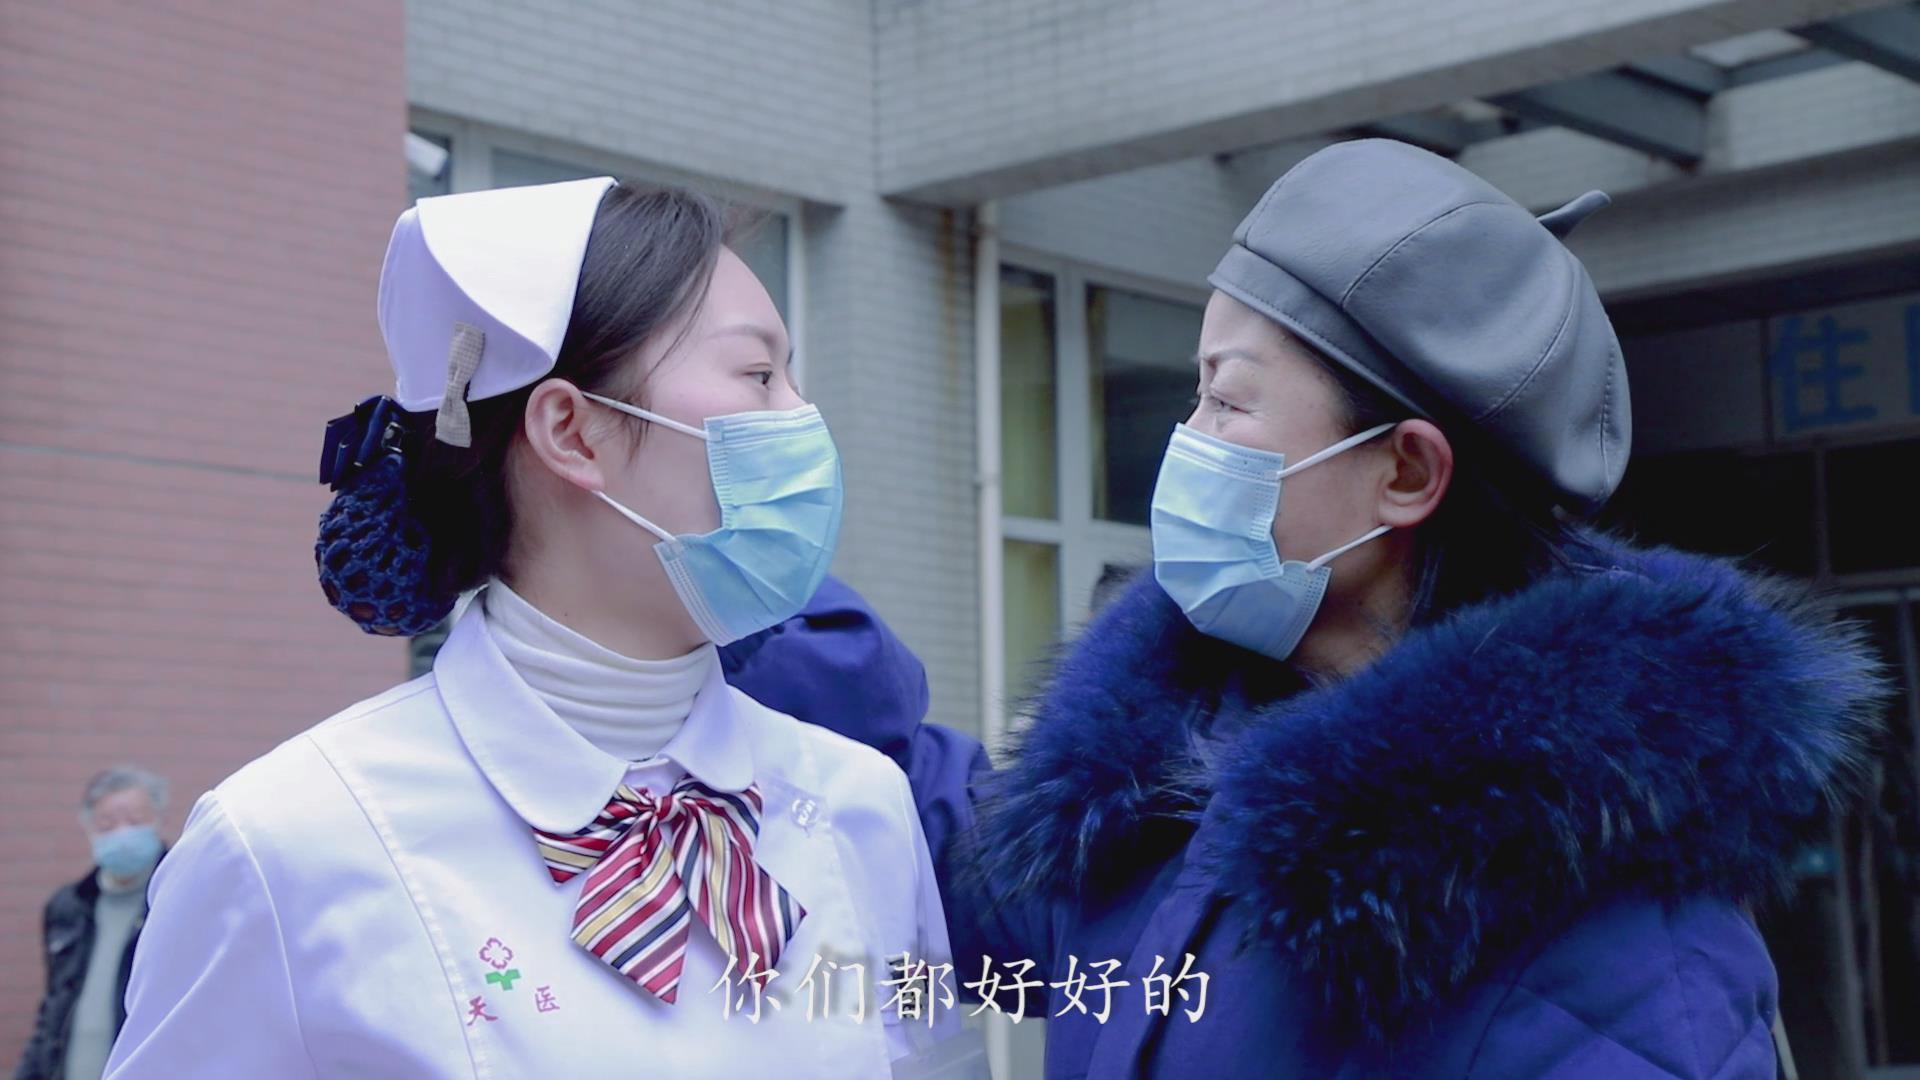 【微视频】致敬驰援武汉医疗队——都要好好的